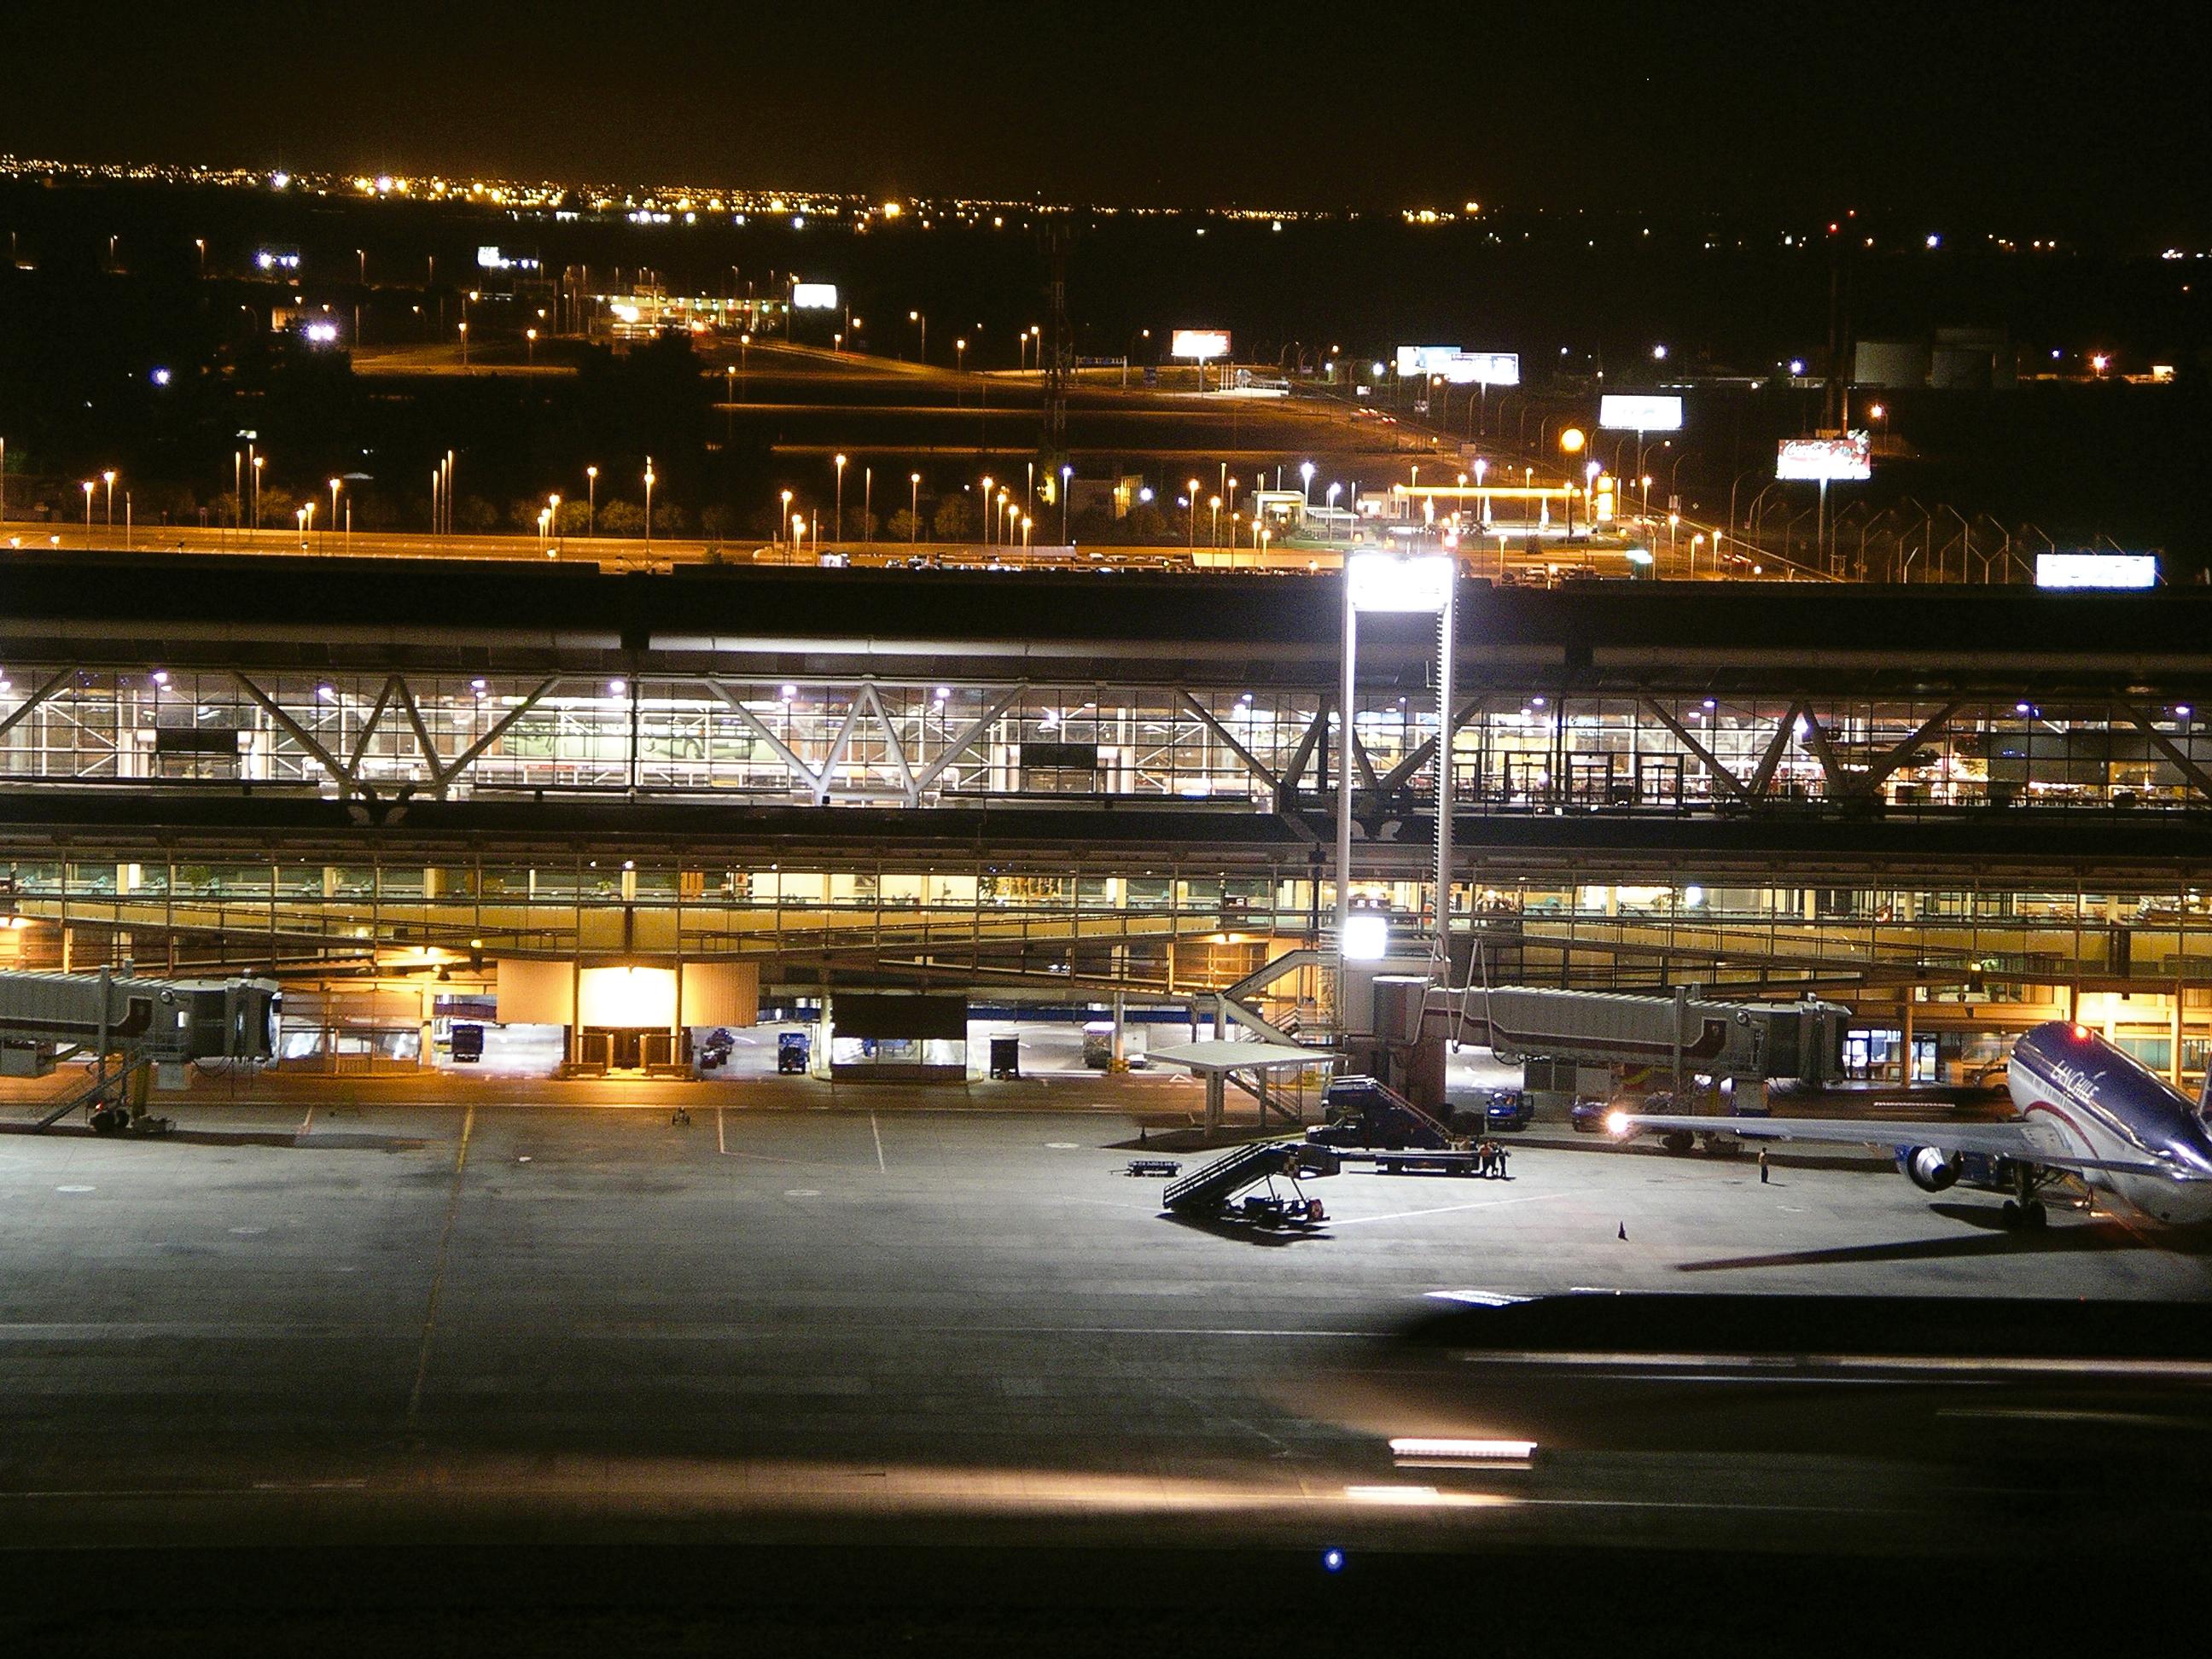 Aeropuerto de Chile nocturna